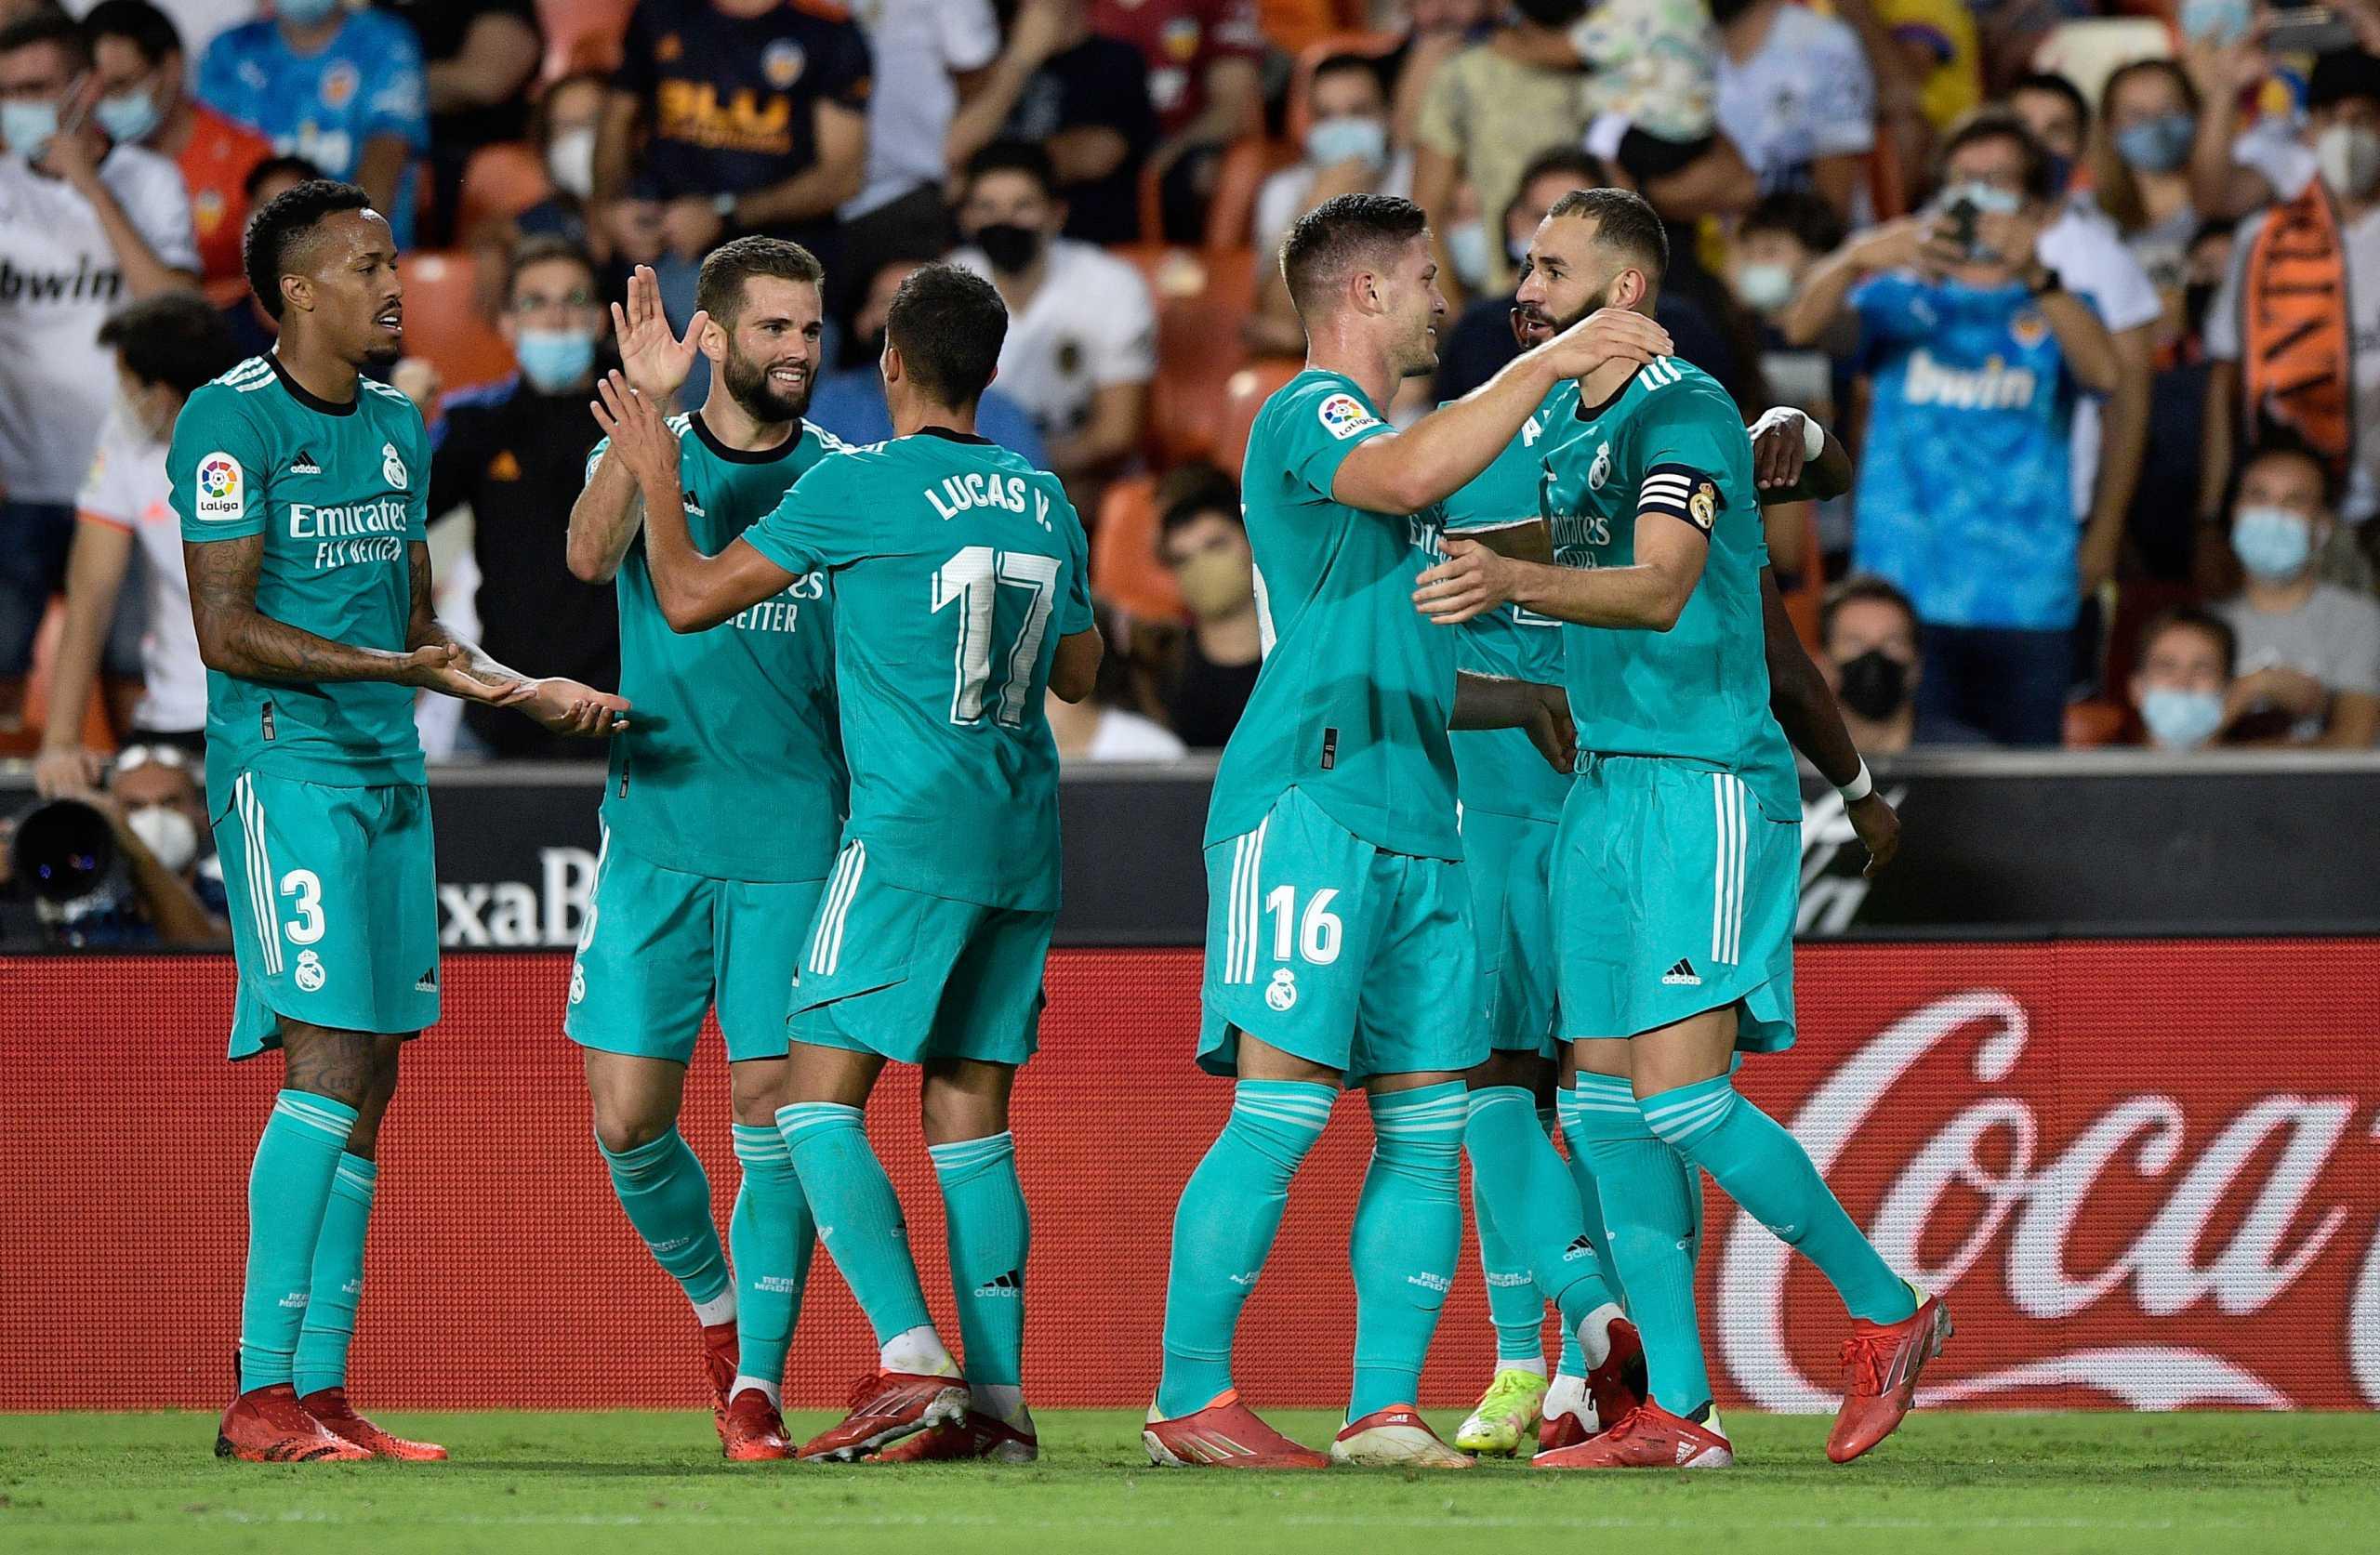 Βαλένθια – Ρεάλ Μαδρίτης 1-2: Διπλό με φοβερή ανατροπή για τη «Βασίλισσα»